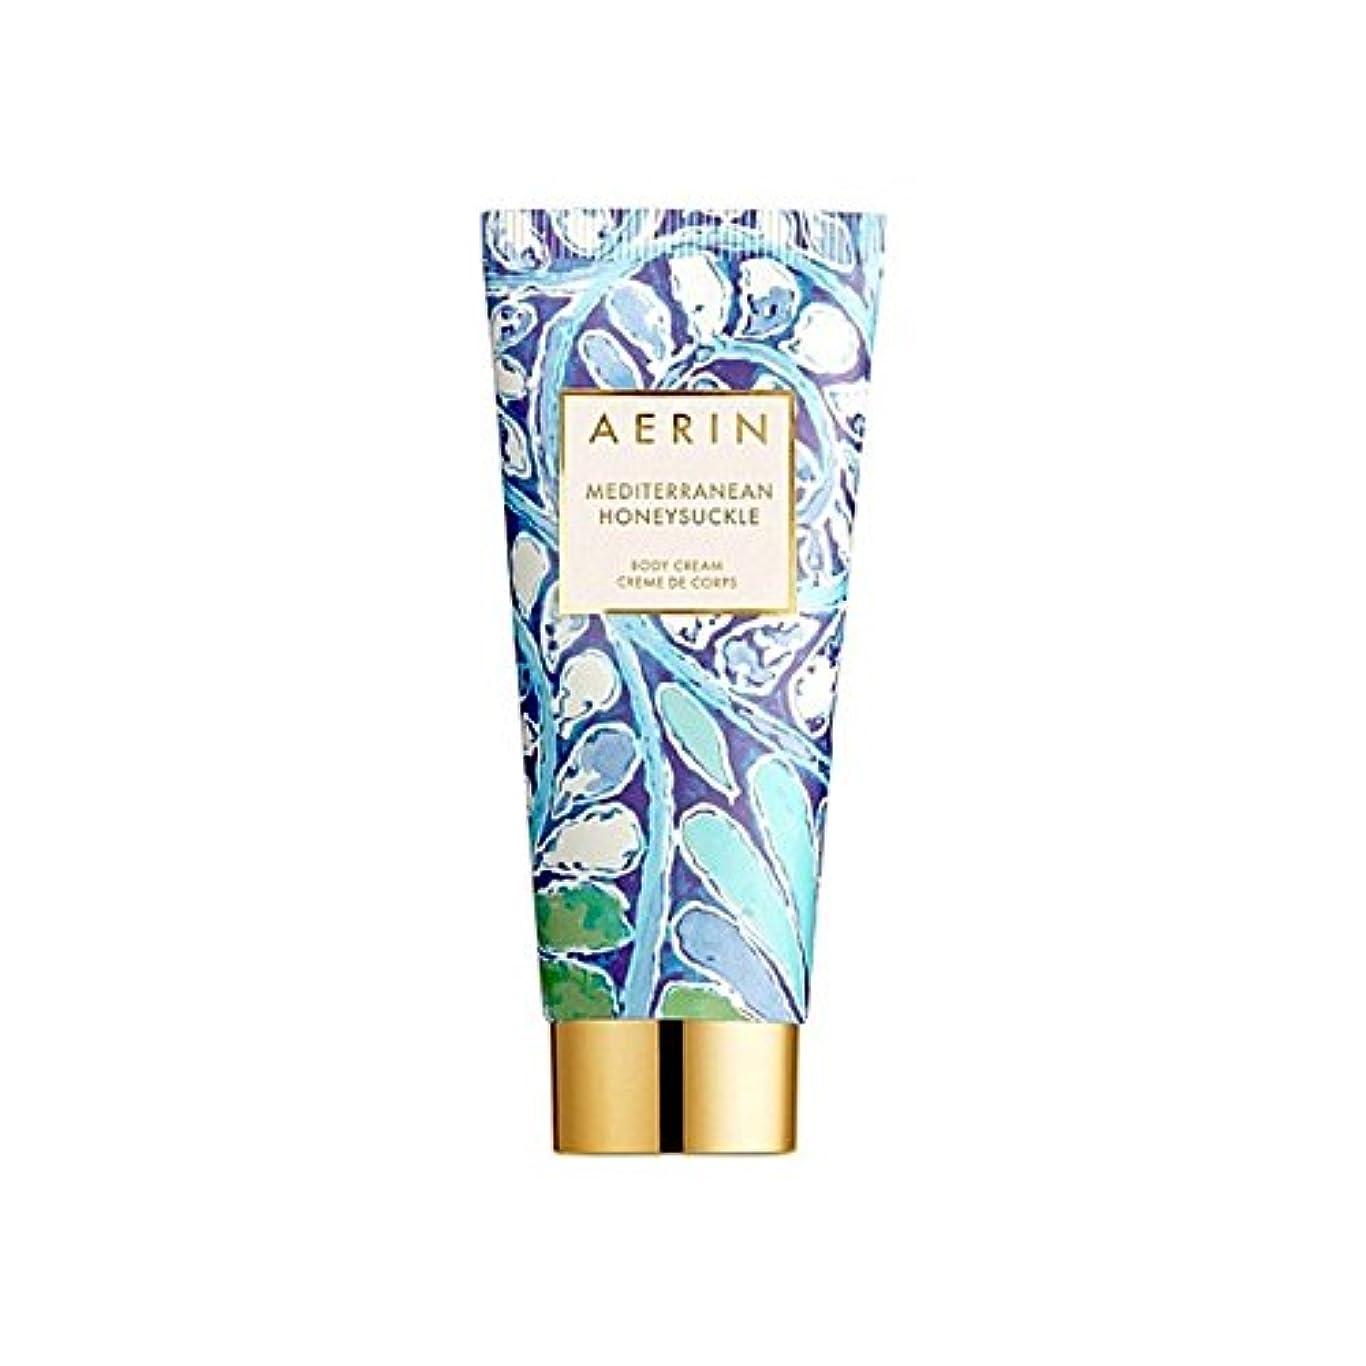 尽きる今までライバルAerin Mediterrenean Honeysuckle Body Cream 150ml (Pack of 6) - スイカズラボディクリーム150ミリリットル x6 [並行輸入品]